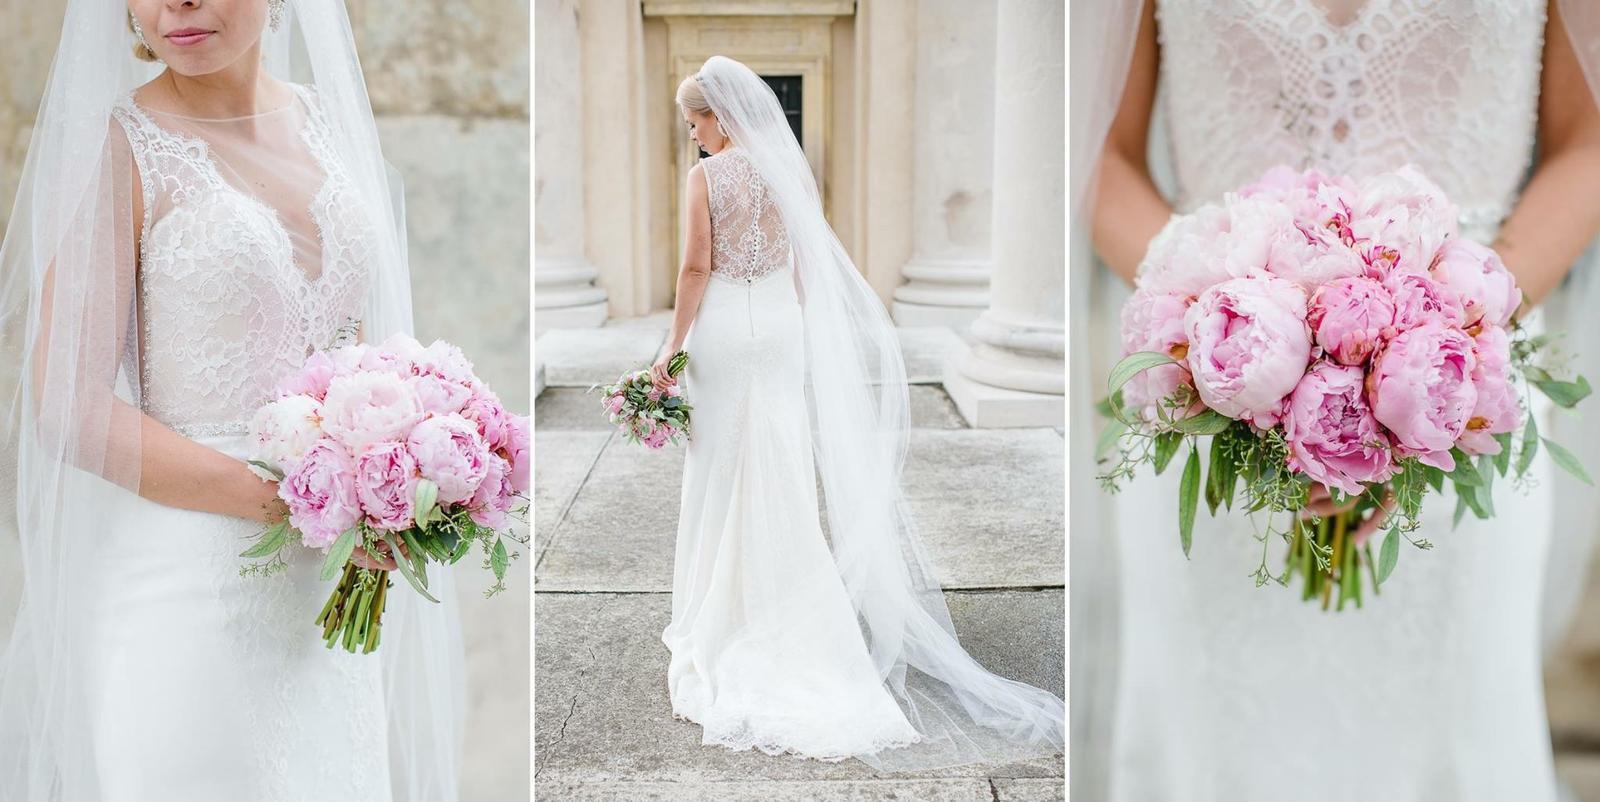 Naše nádherné nevěsty - Obrázek č. 10